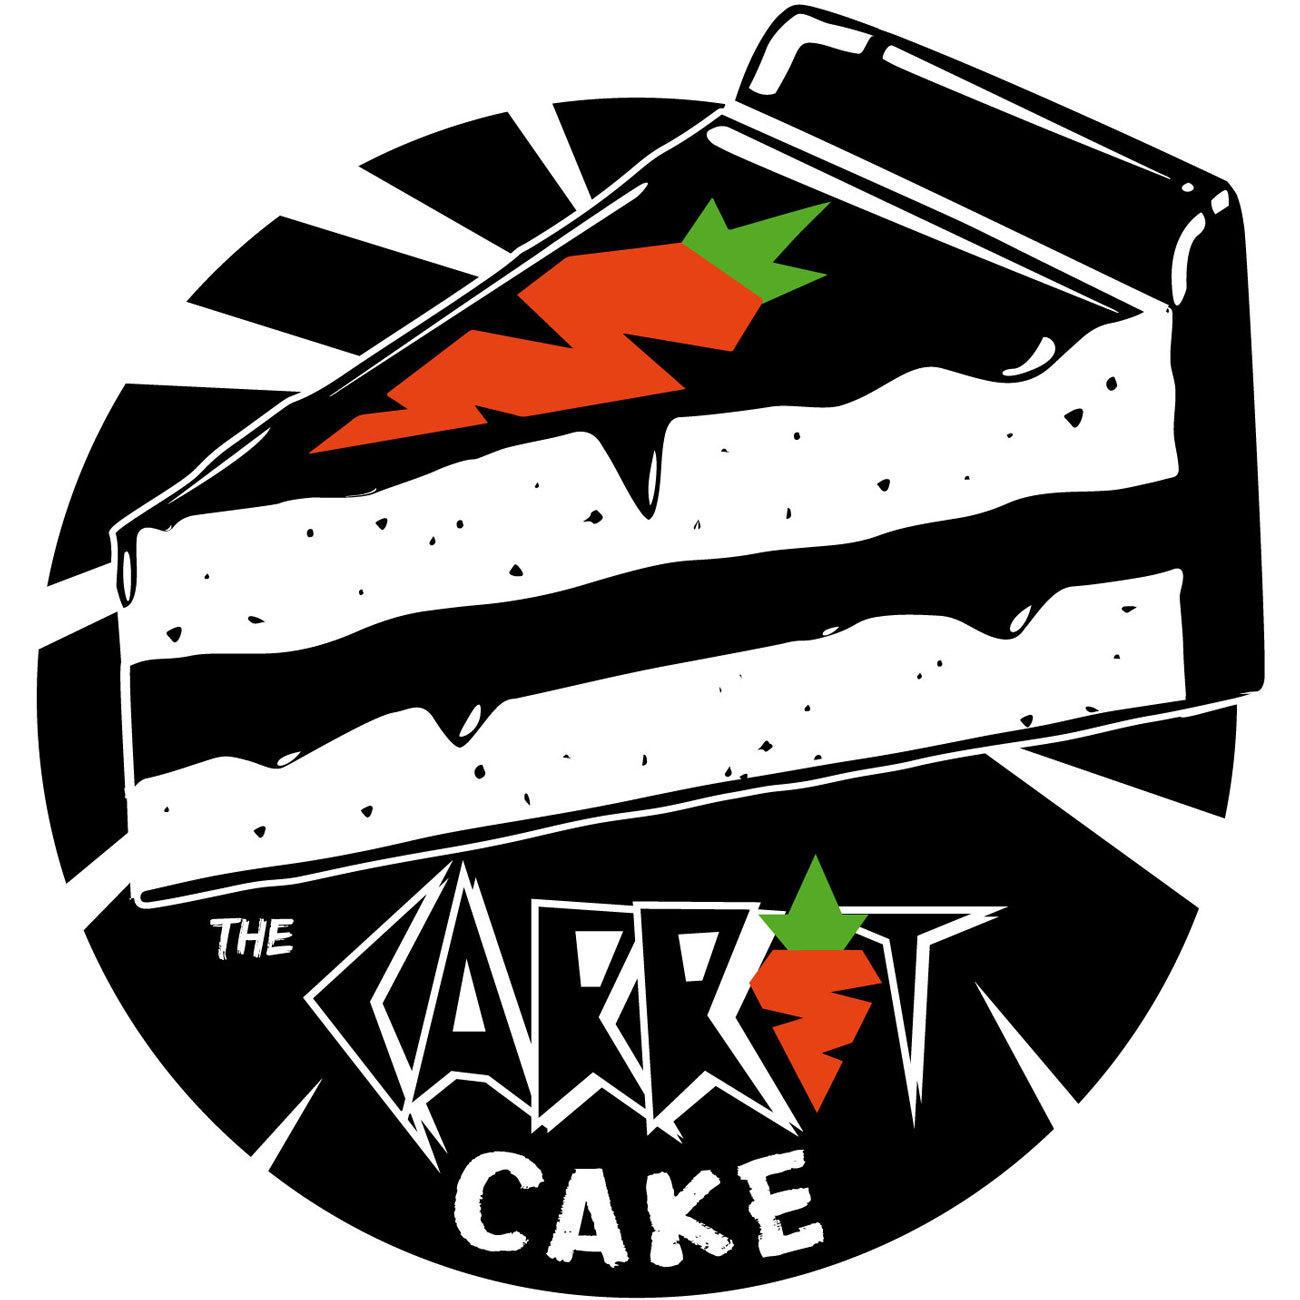 6'4 Carrot Cake